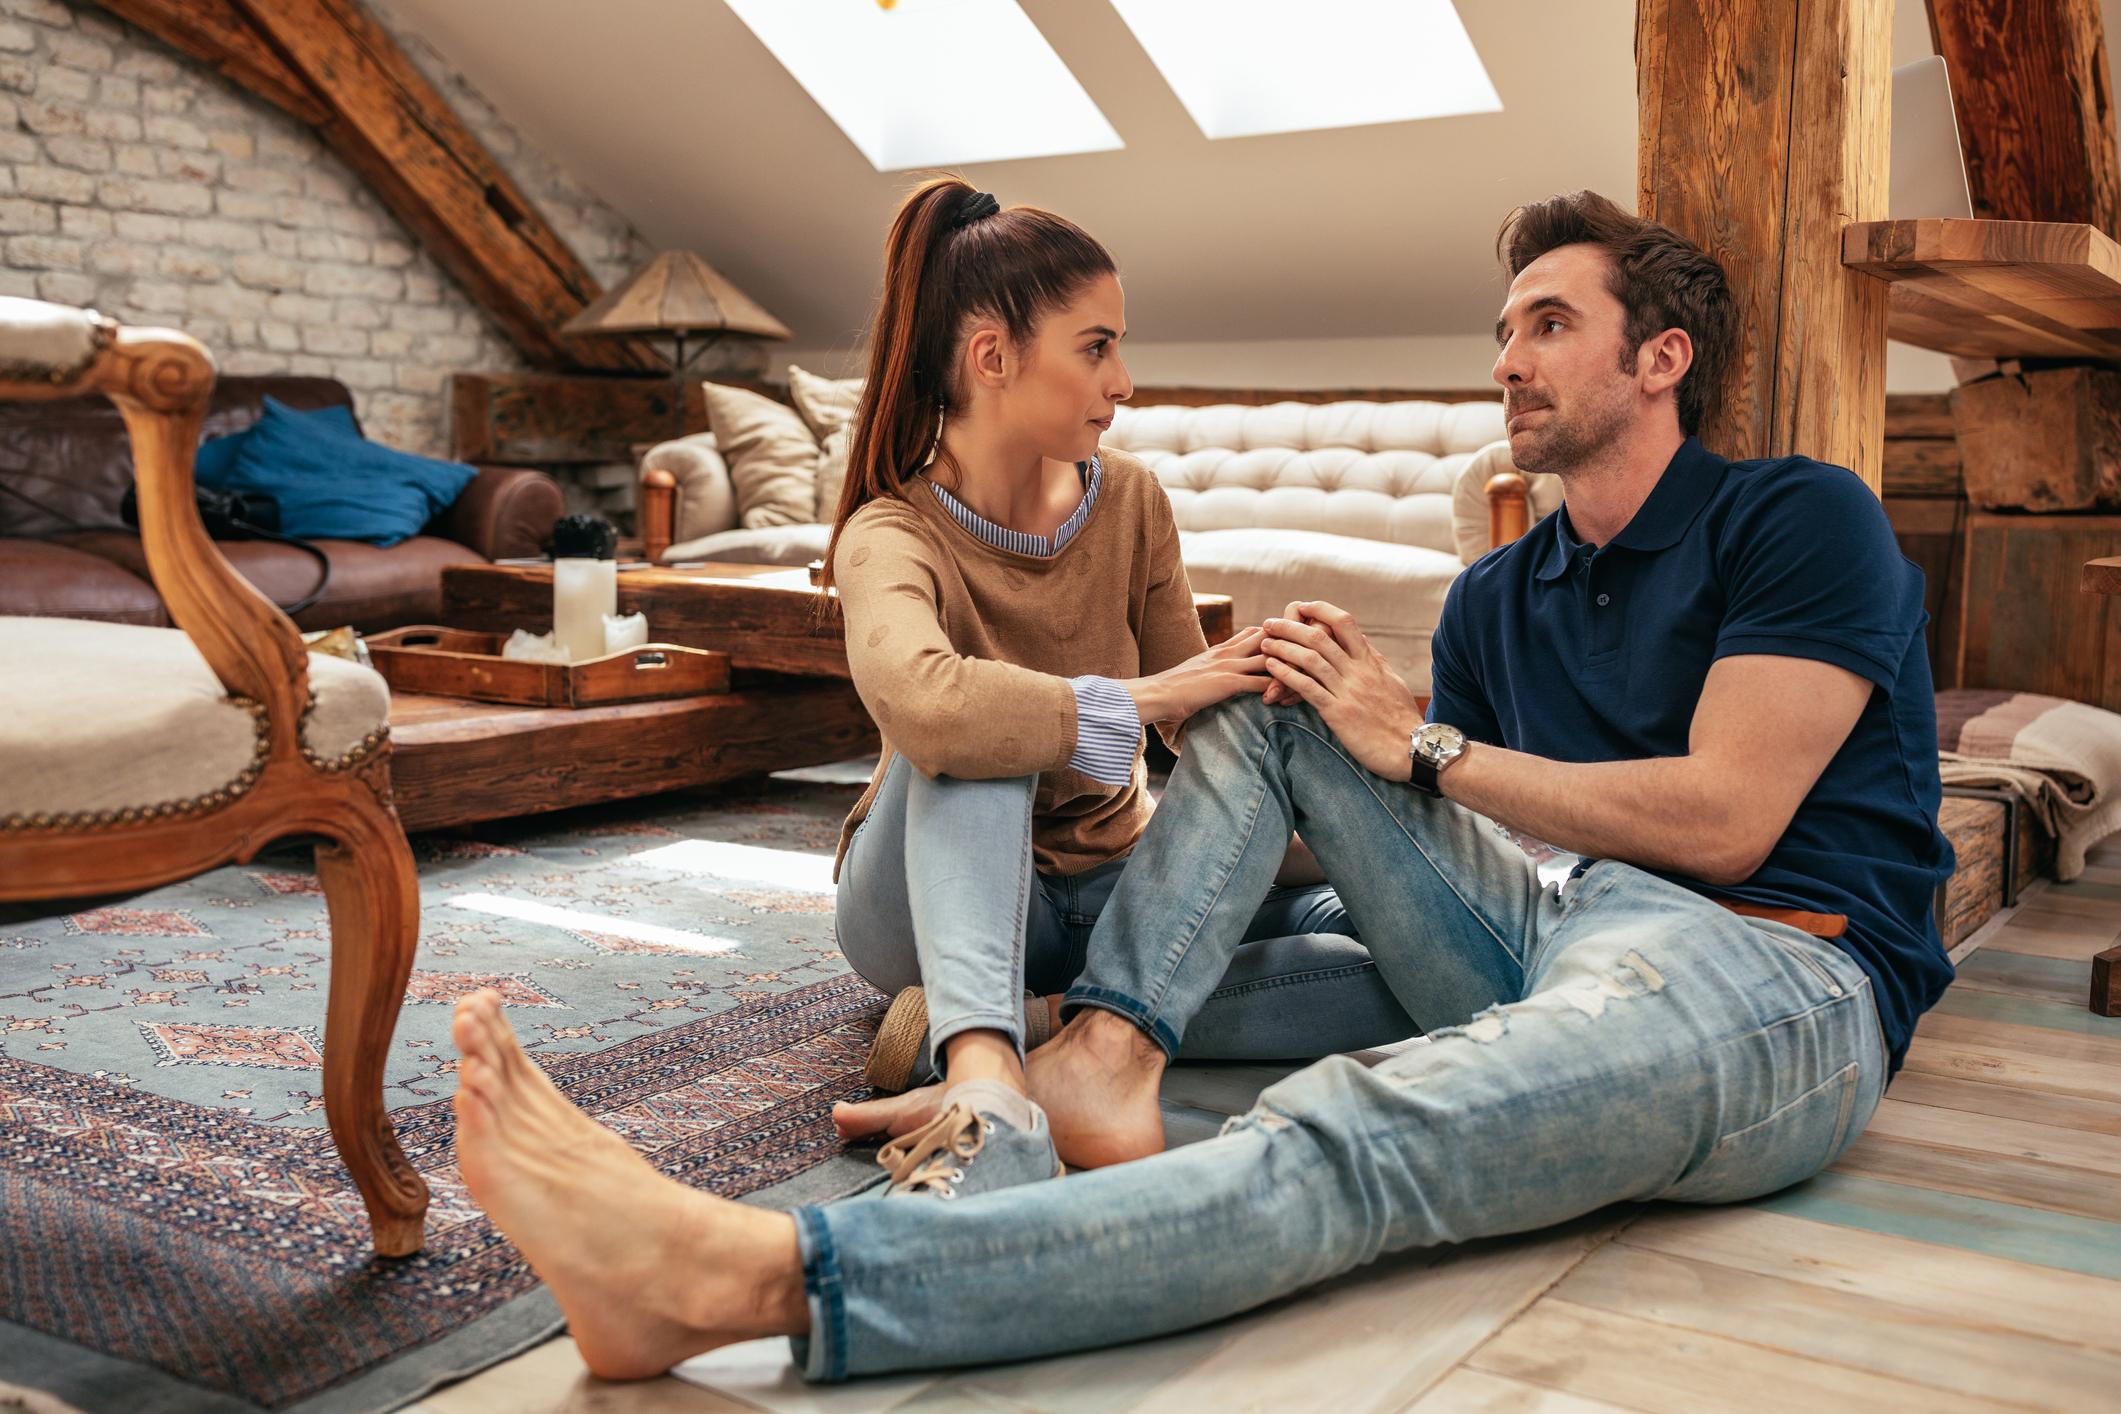 Razgovor može pomoći da vratite bliskost i povjerenje u odnos i da riješite problem koji vam je stao na put.